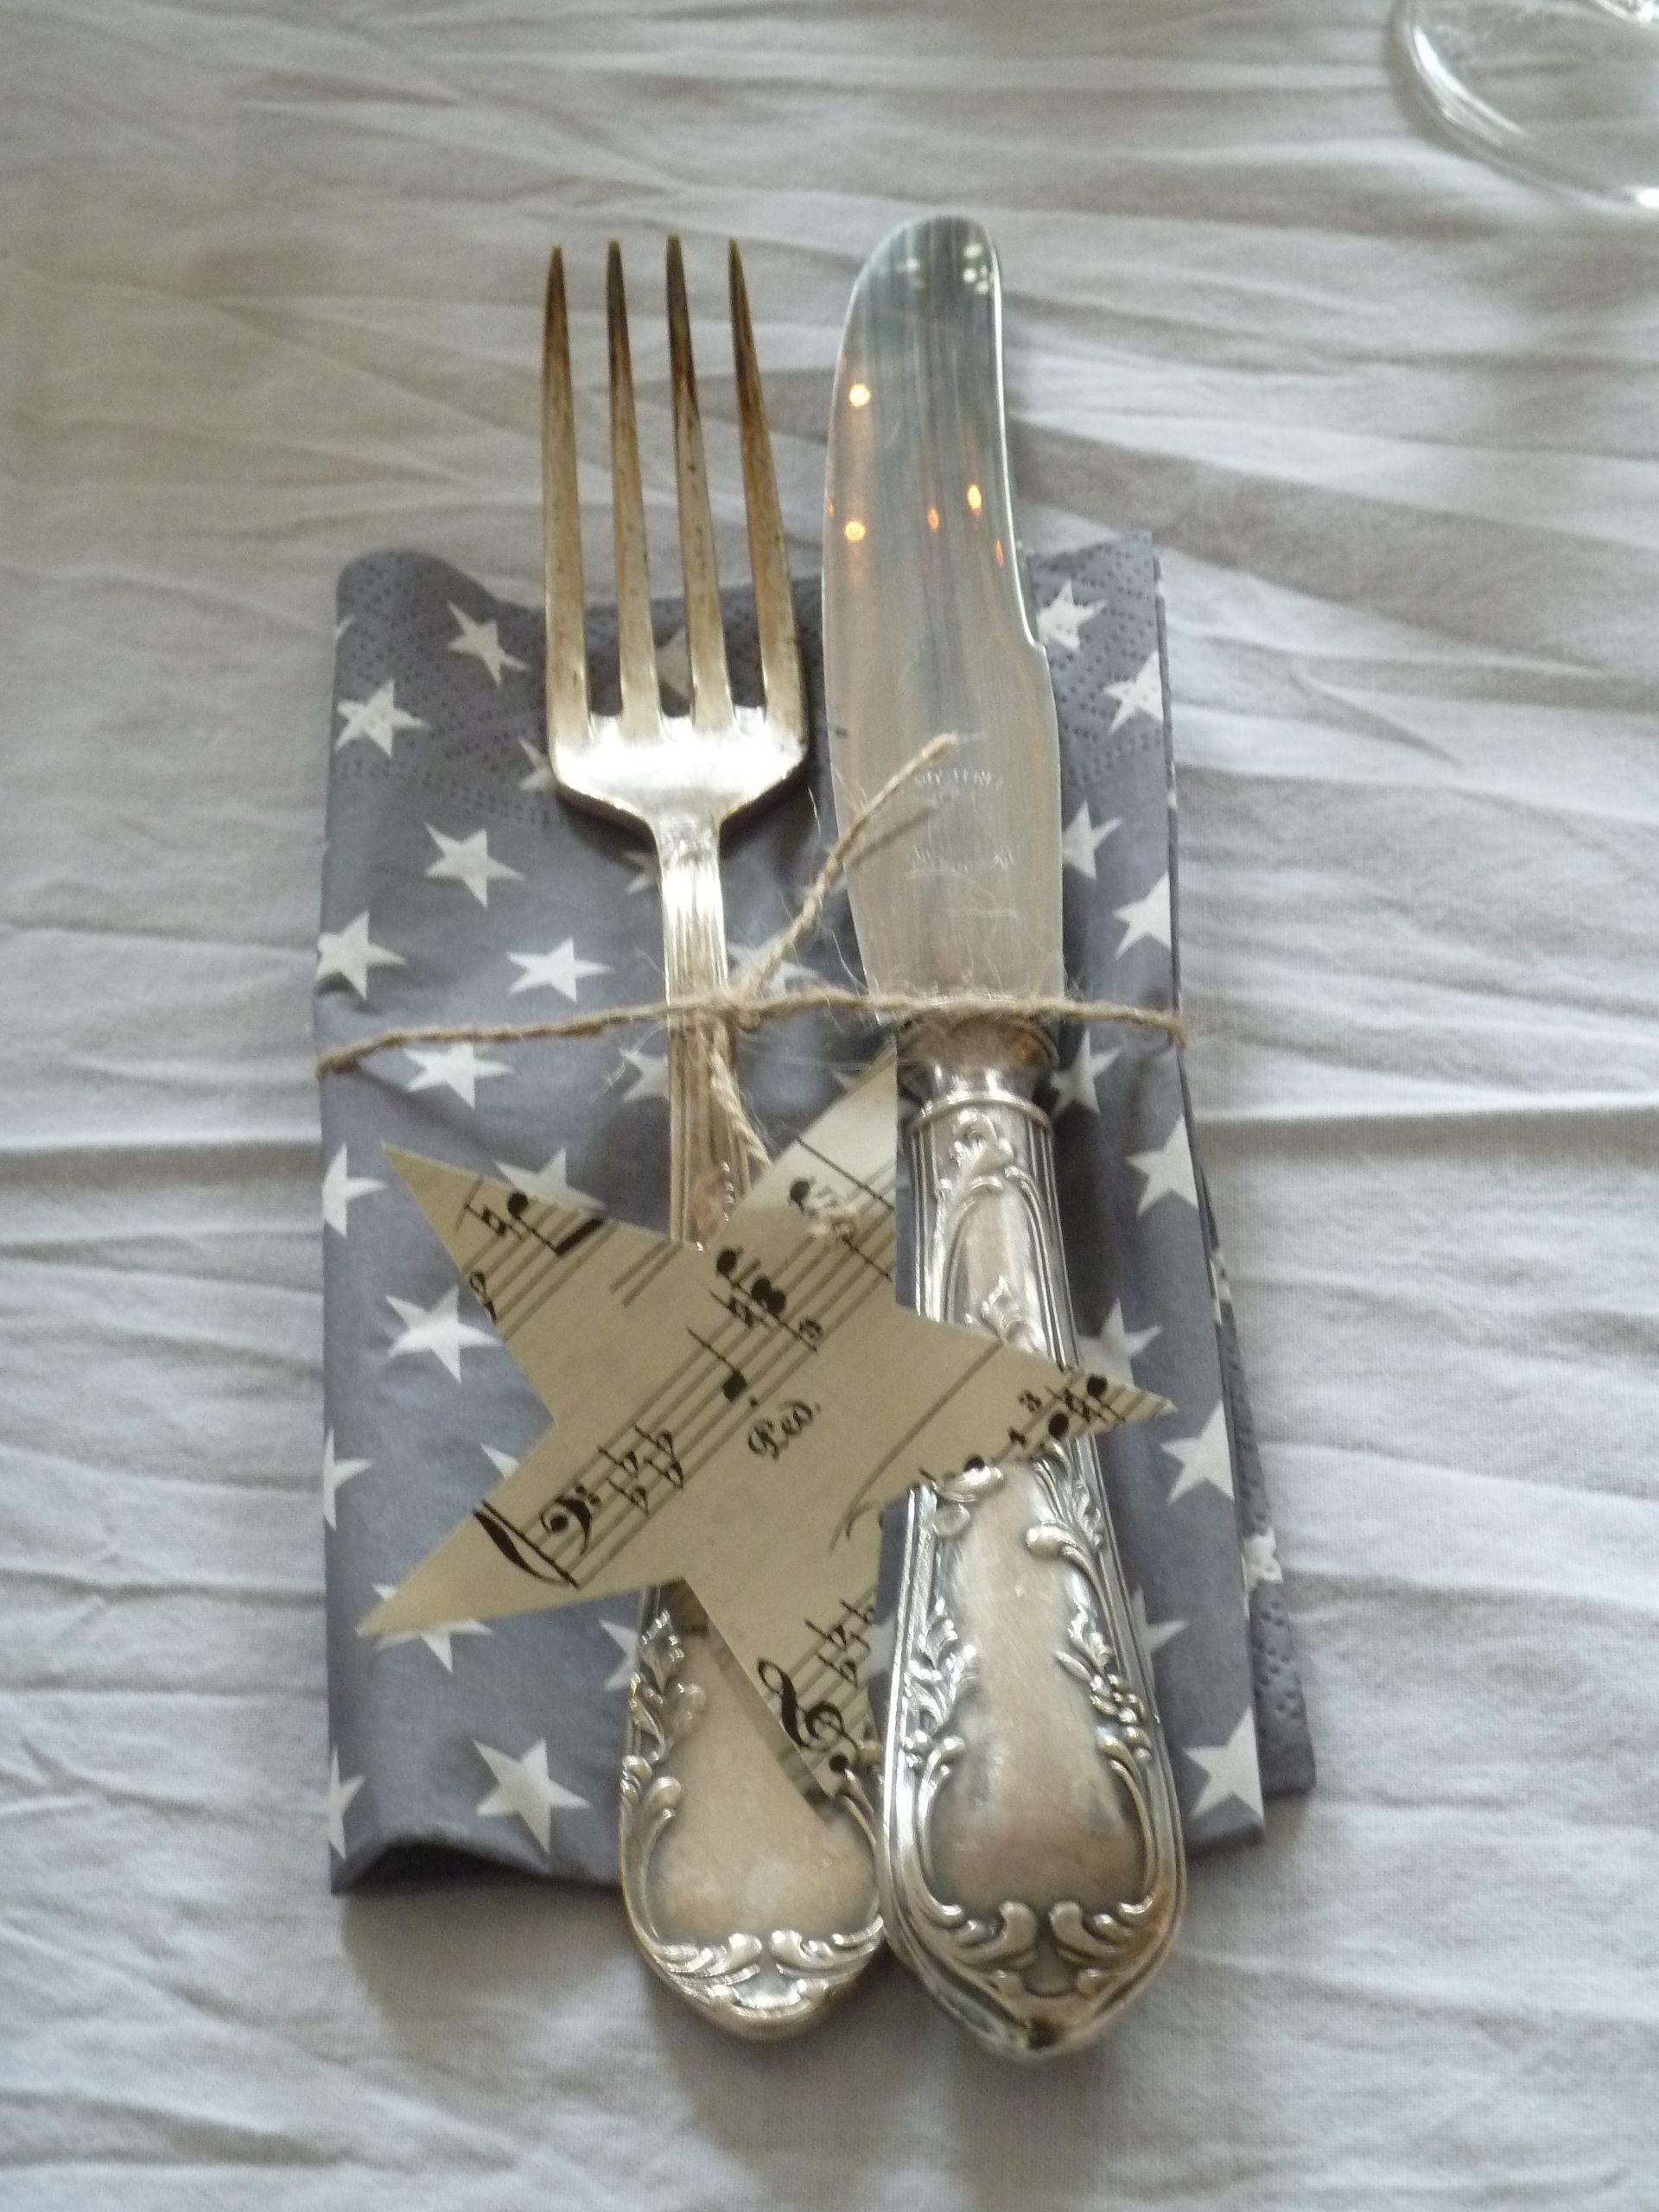 Tischdeko tischdeko bestecktaschen serviettenringe for Tischdekoration weihnachten dekoration